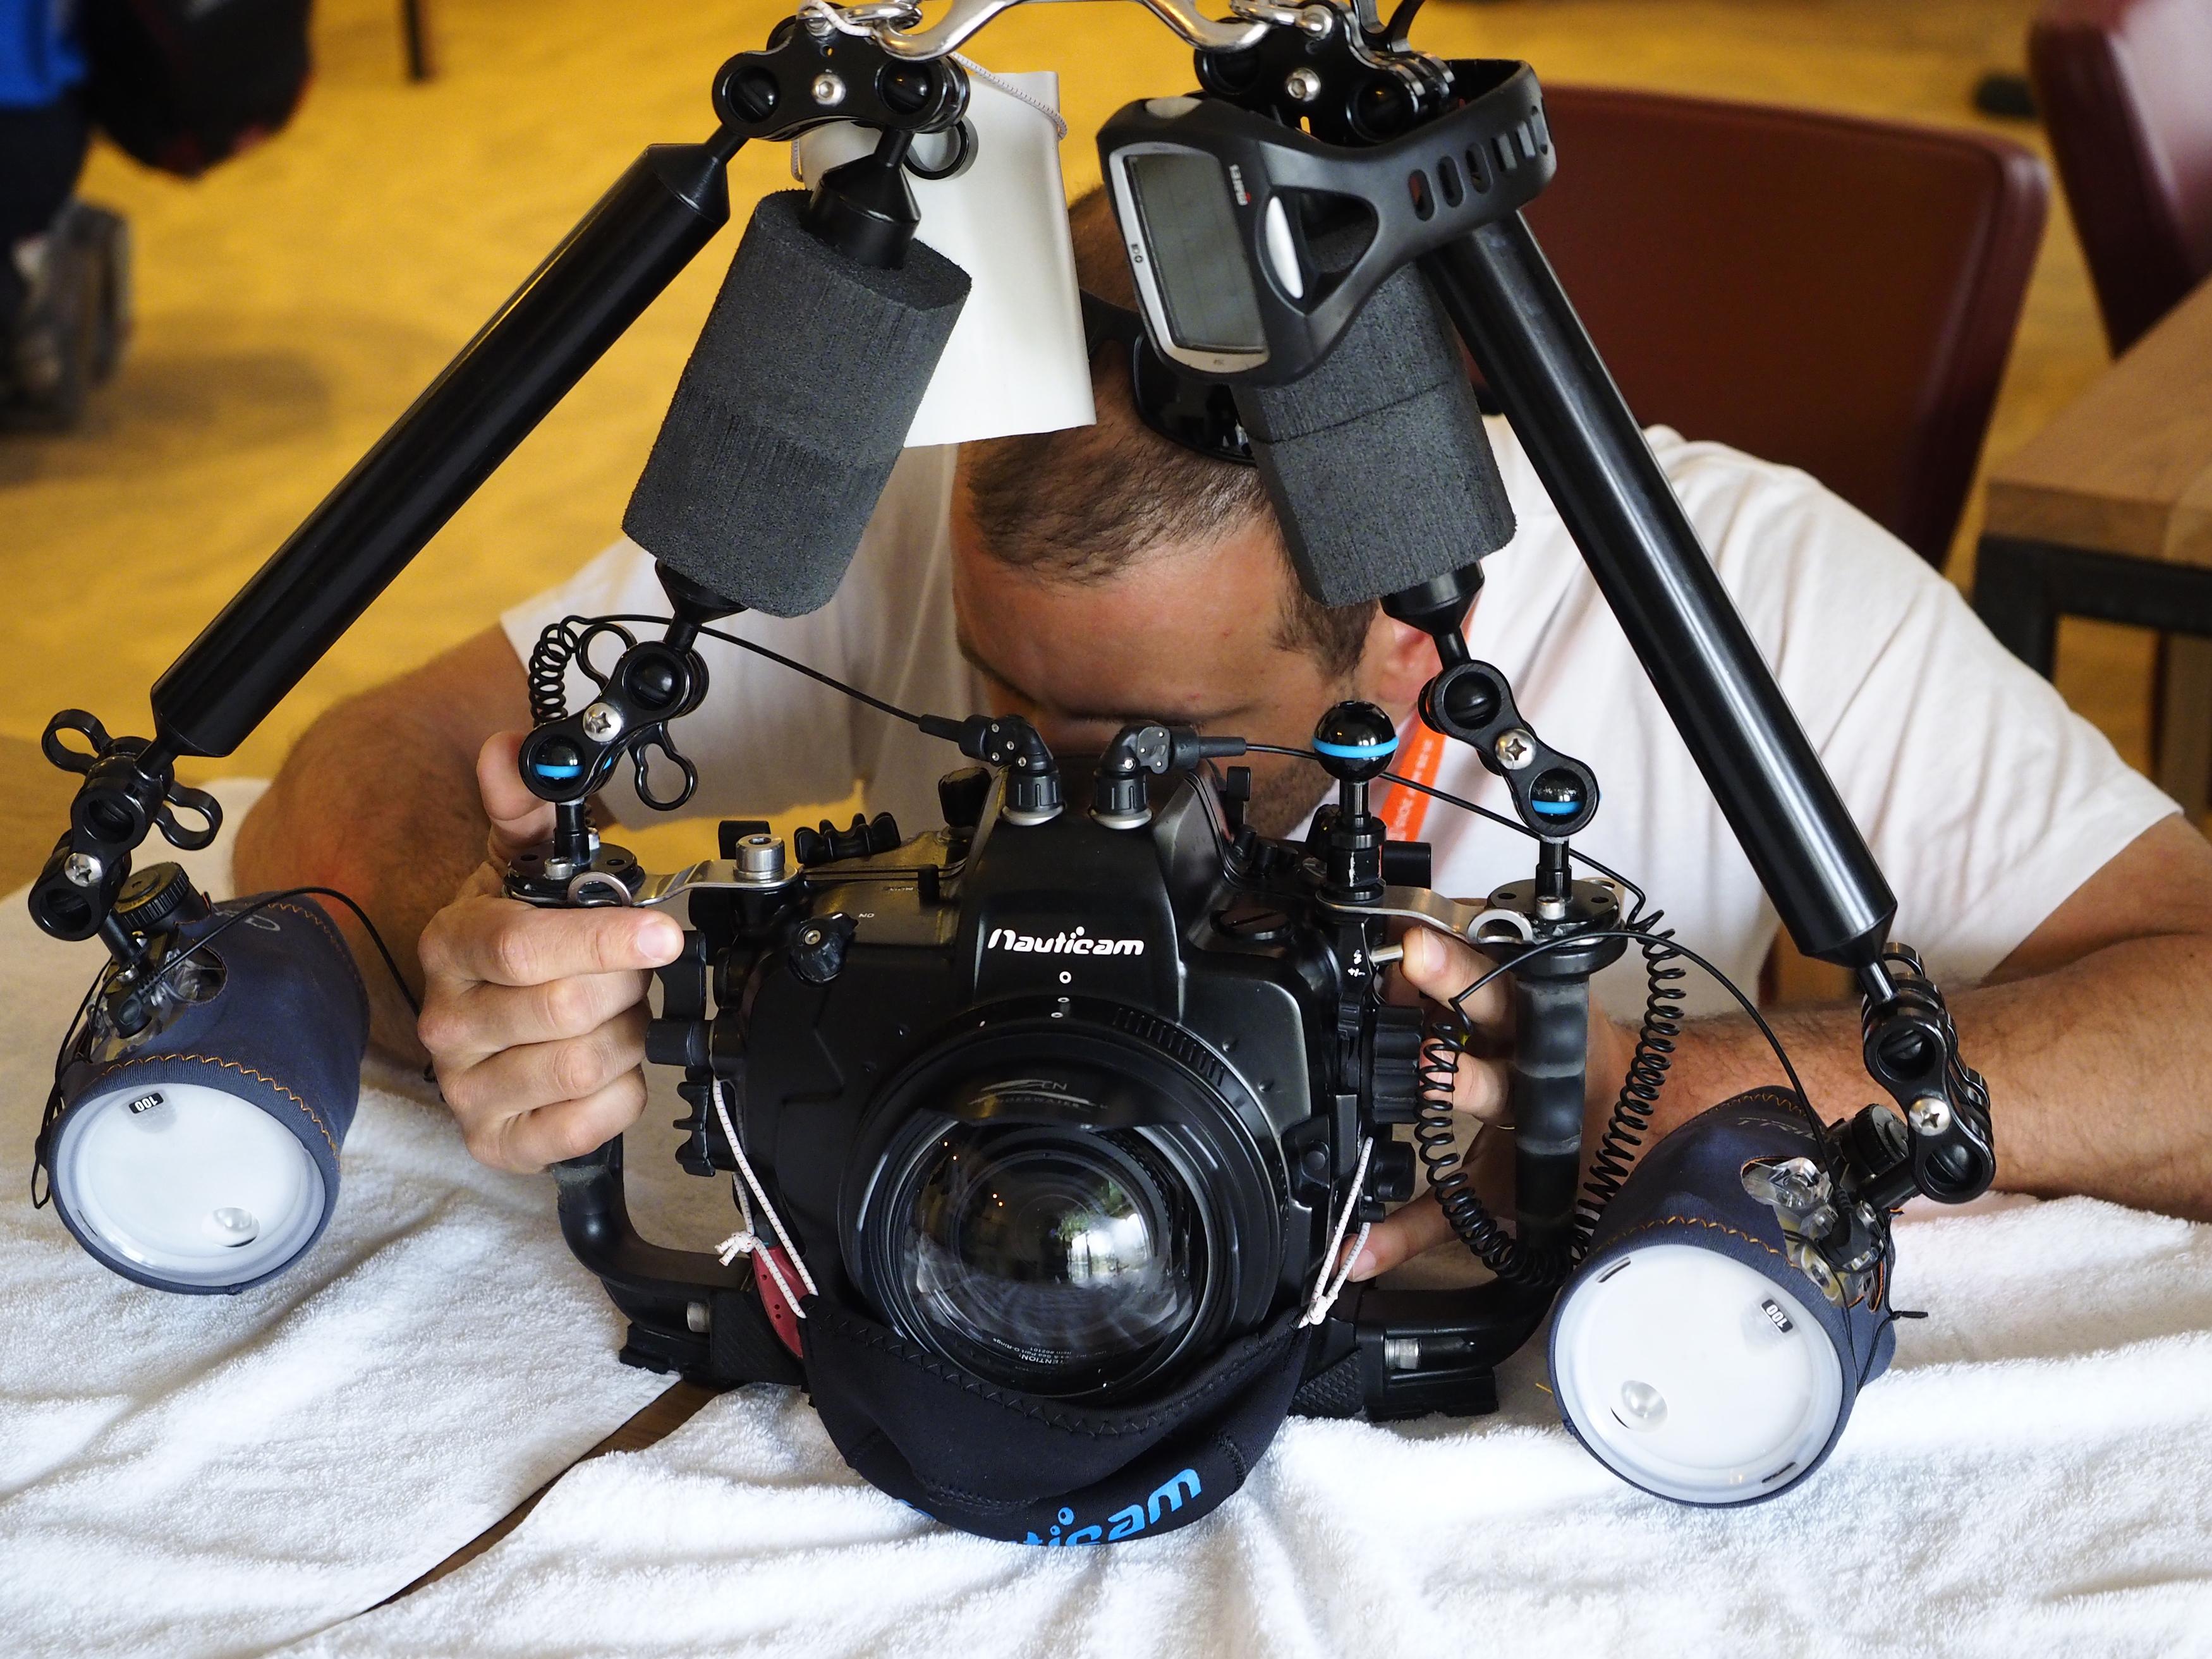 Fotograaf met camera